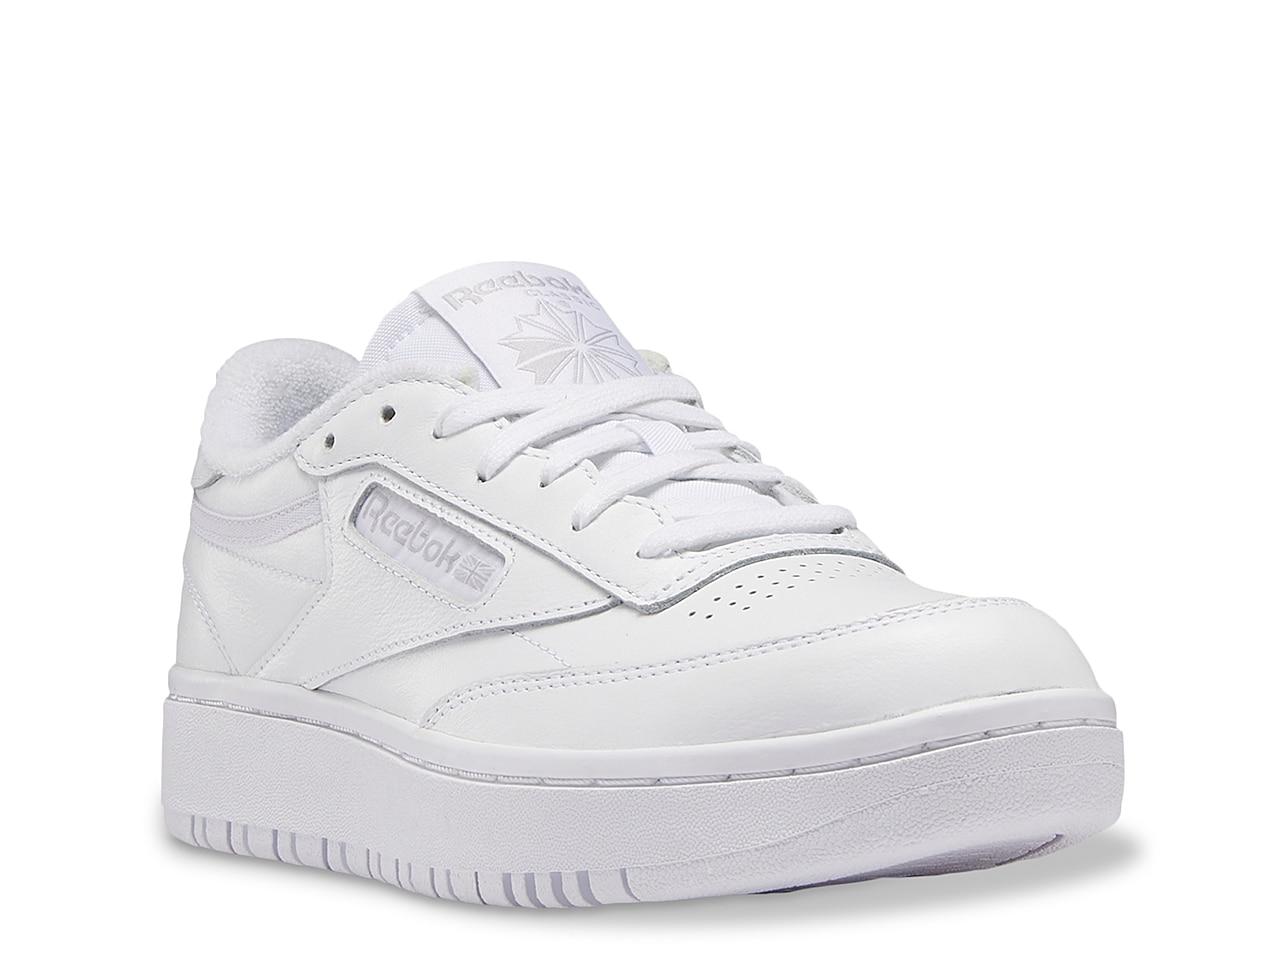 Reebok Club C Double Sneaker - Women's